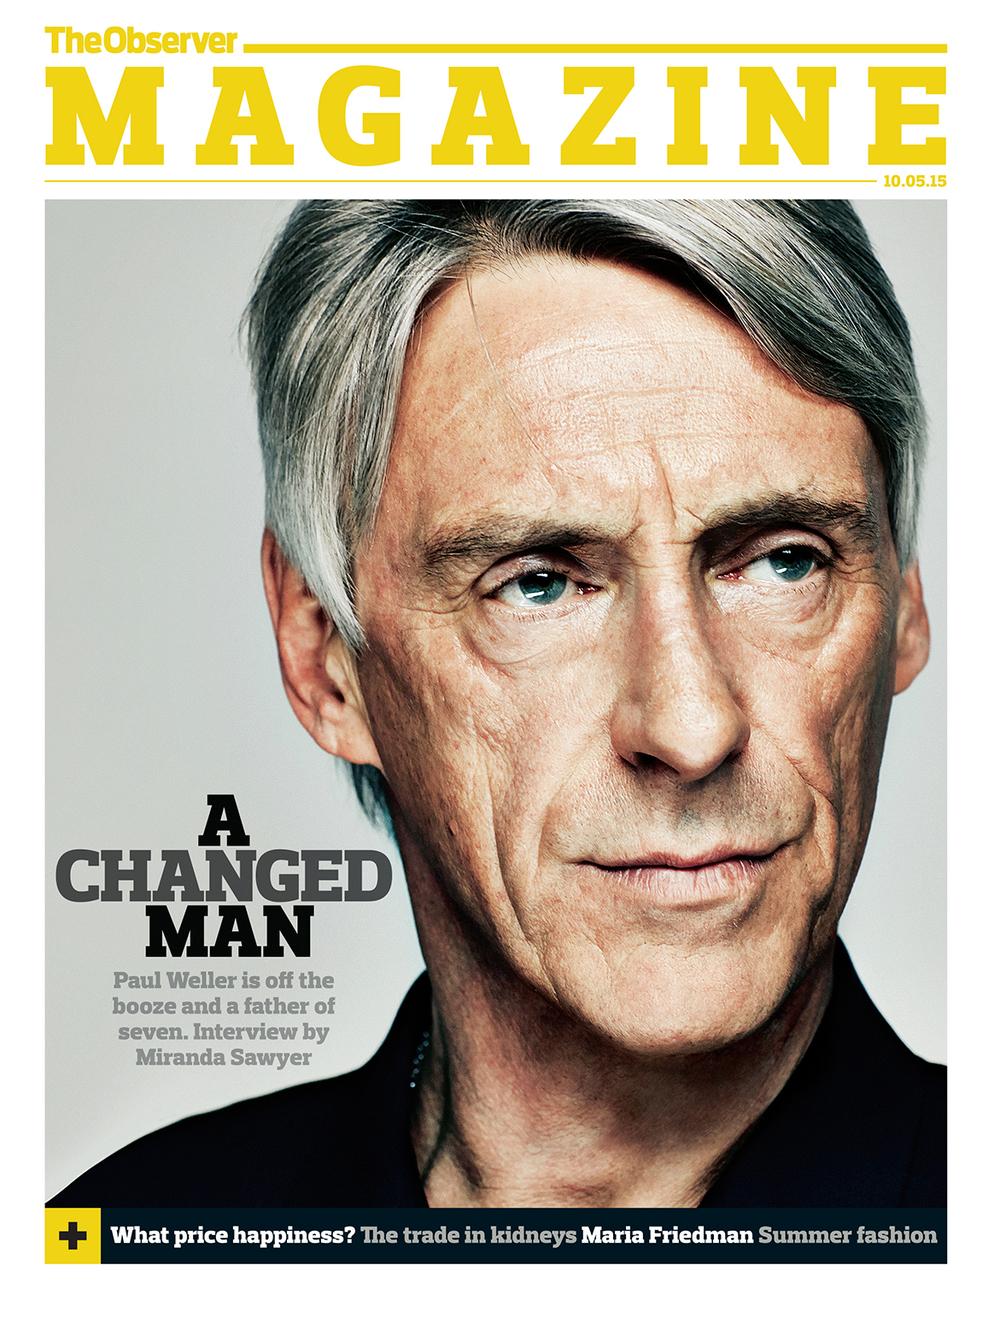 Paul Weller, The Observer Magazine